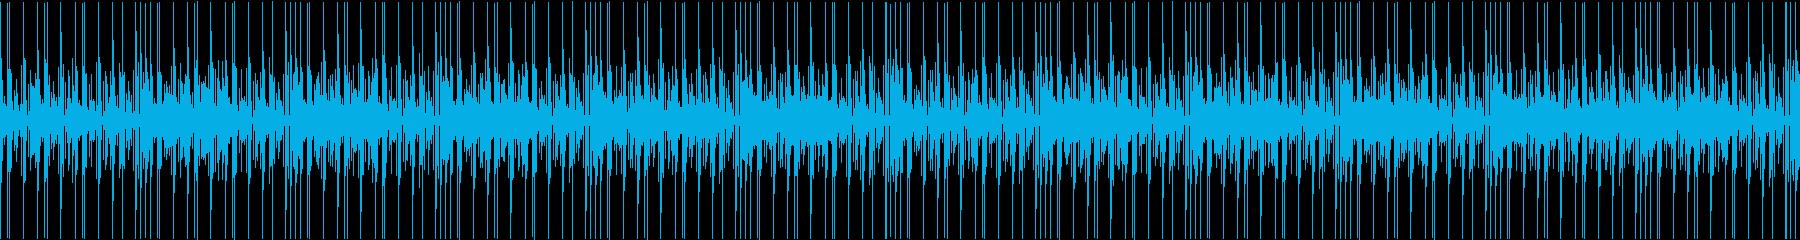 ビートの繰り返しにノスタルジーなシンセの再生済みの波形